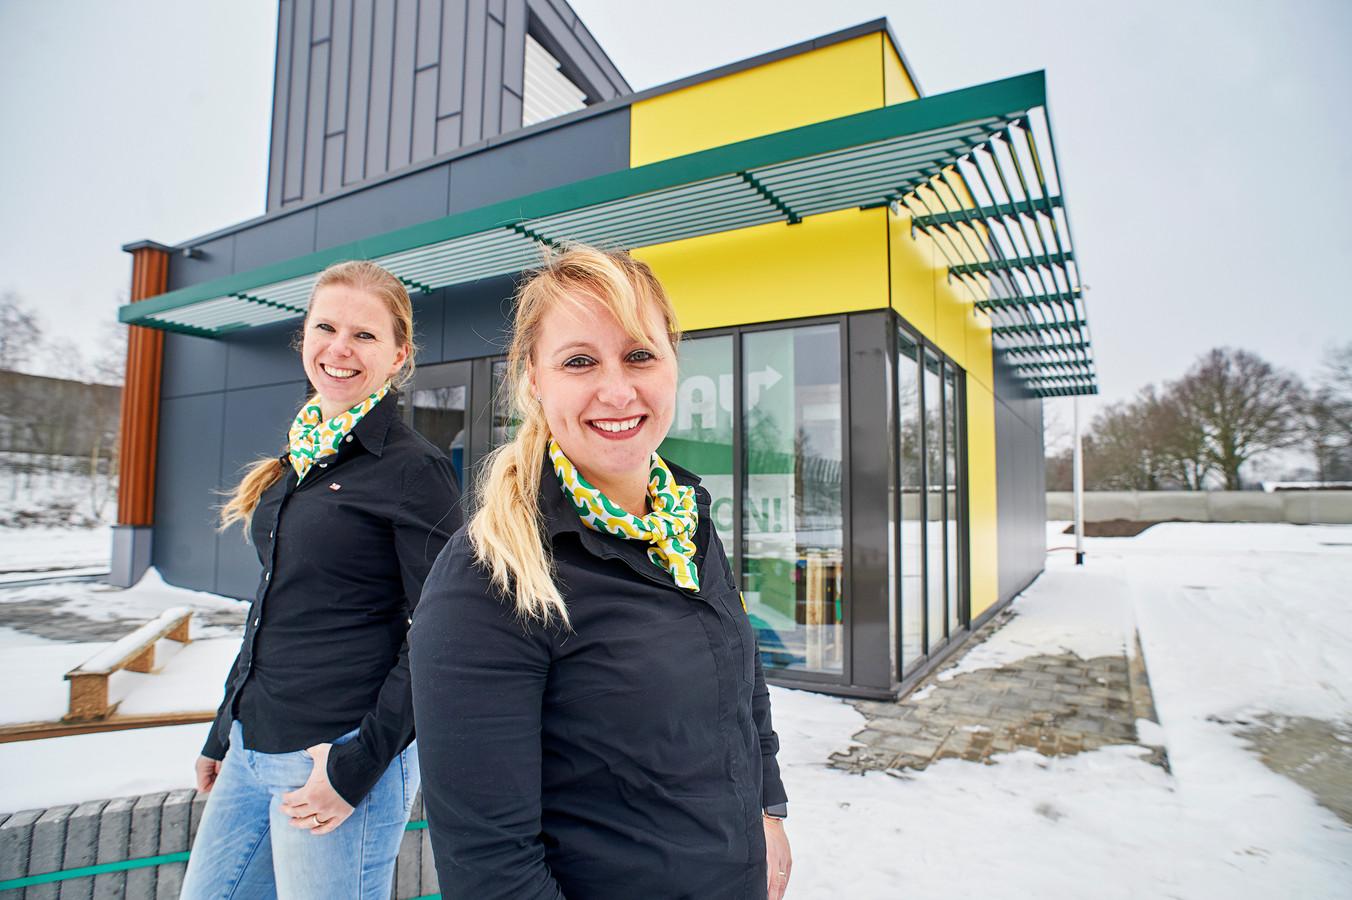 Franchisenemers Meriam Driessens (links) en Veronique bij het nieuwe filiaal van Subway op Foodcourt Uden.